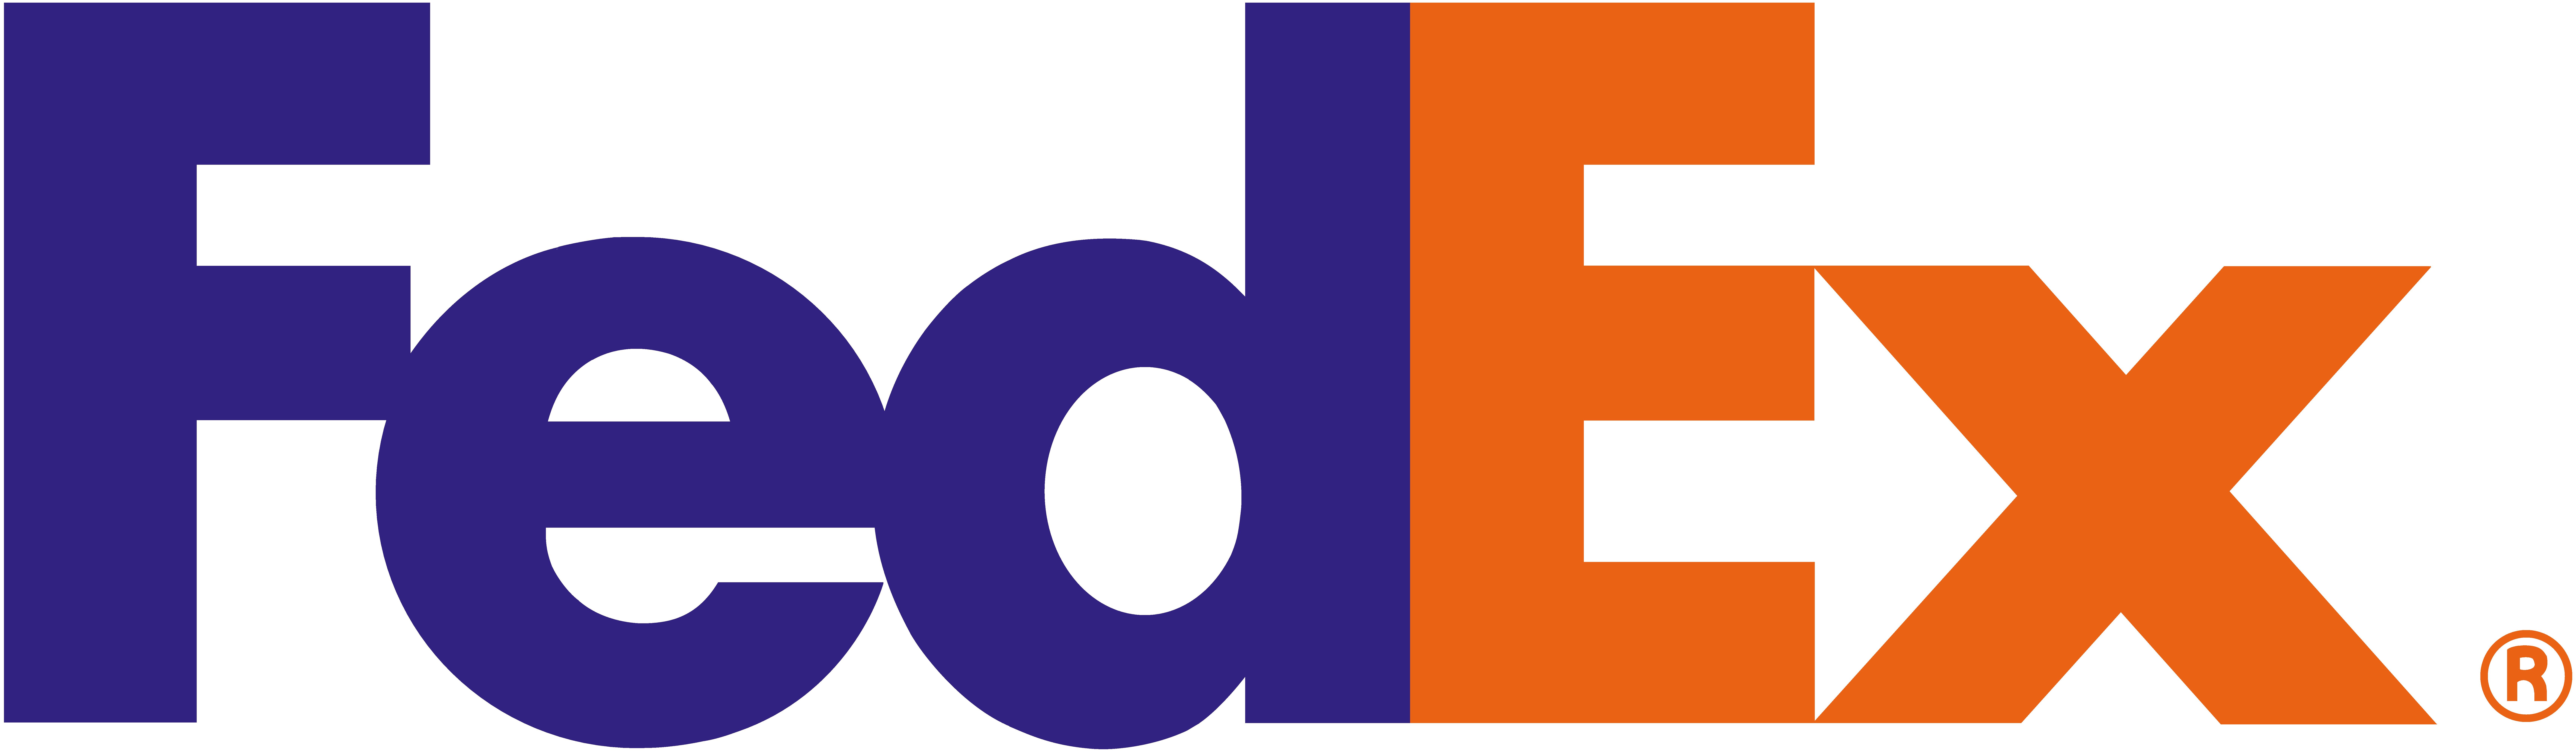 Spoon Logo Design